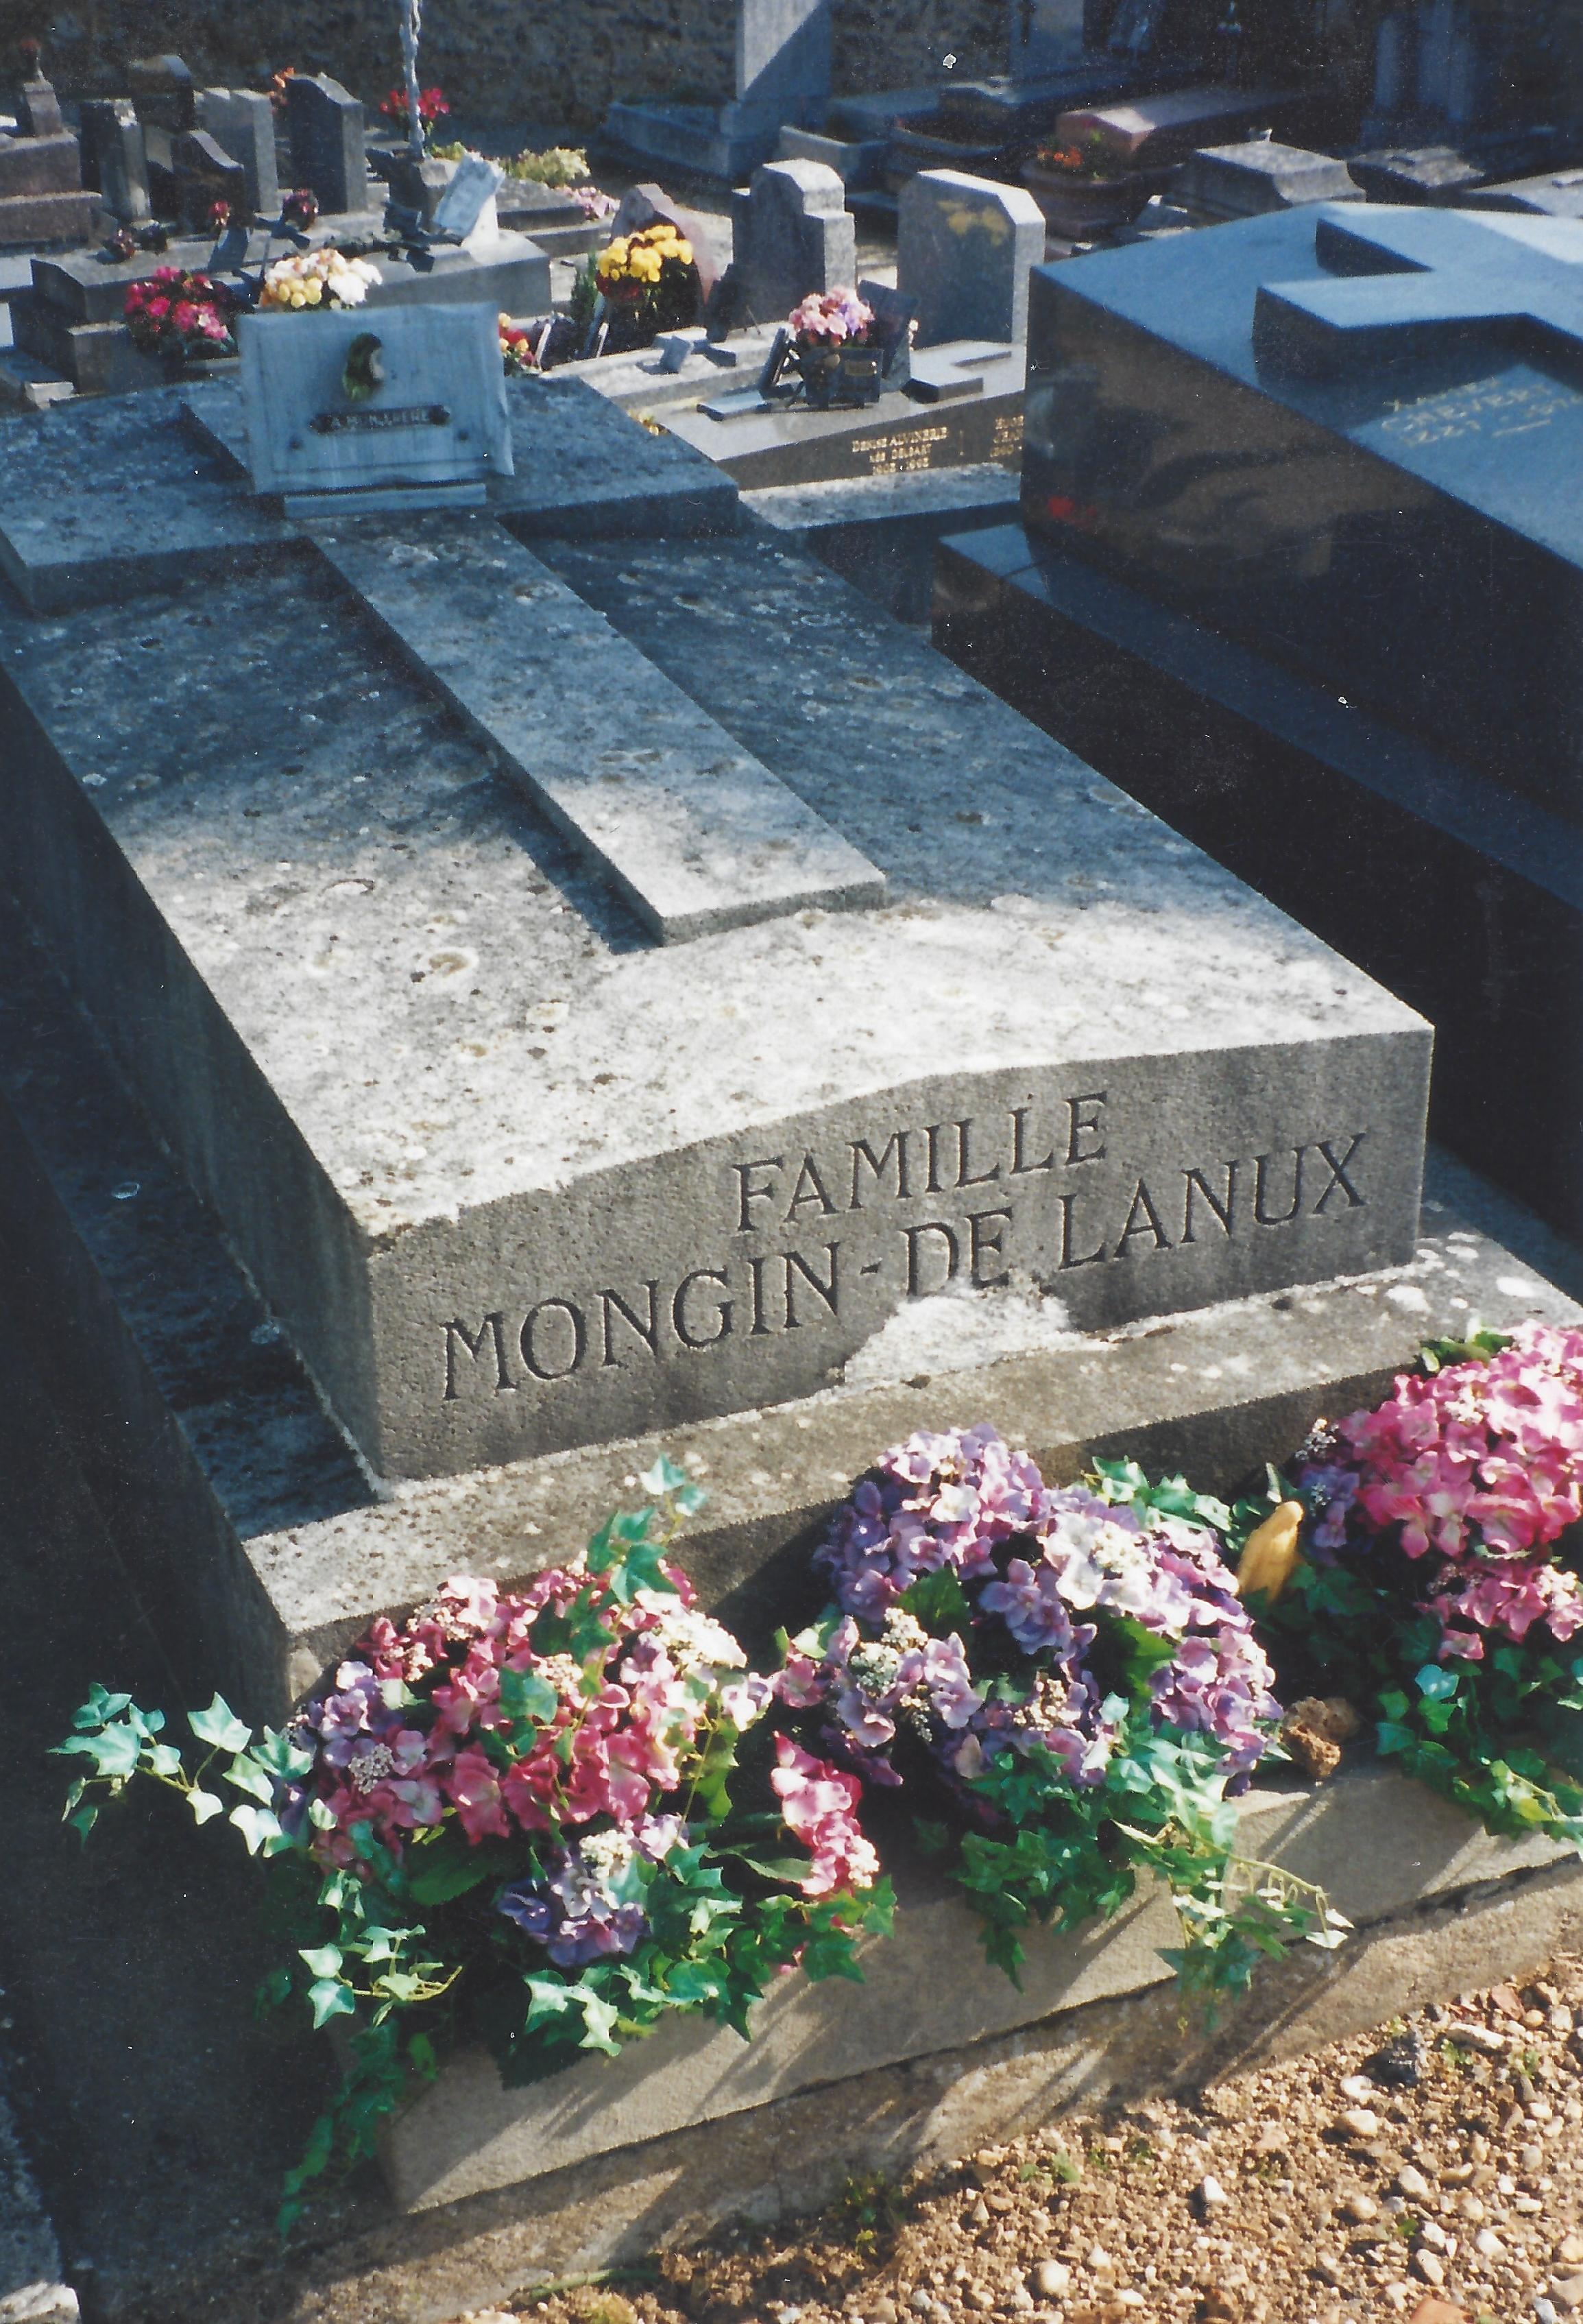 Tombe de Roland de Lanux à Villemoison sur Orge (91)